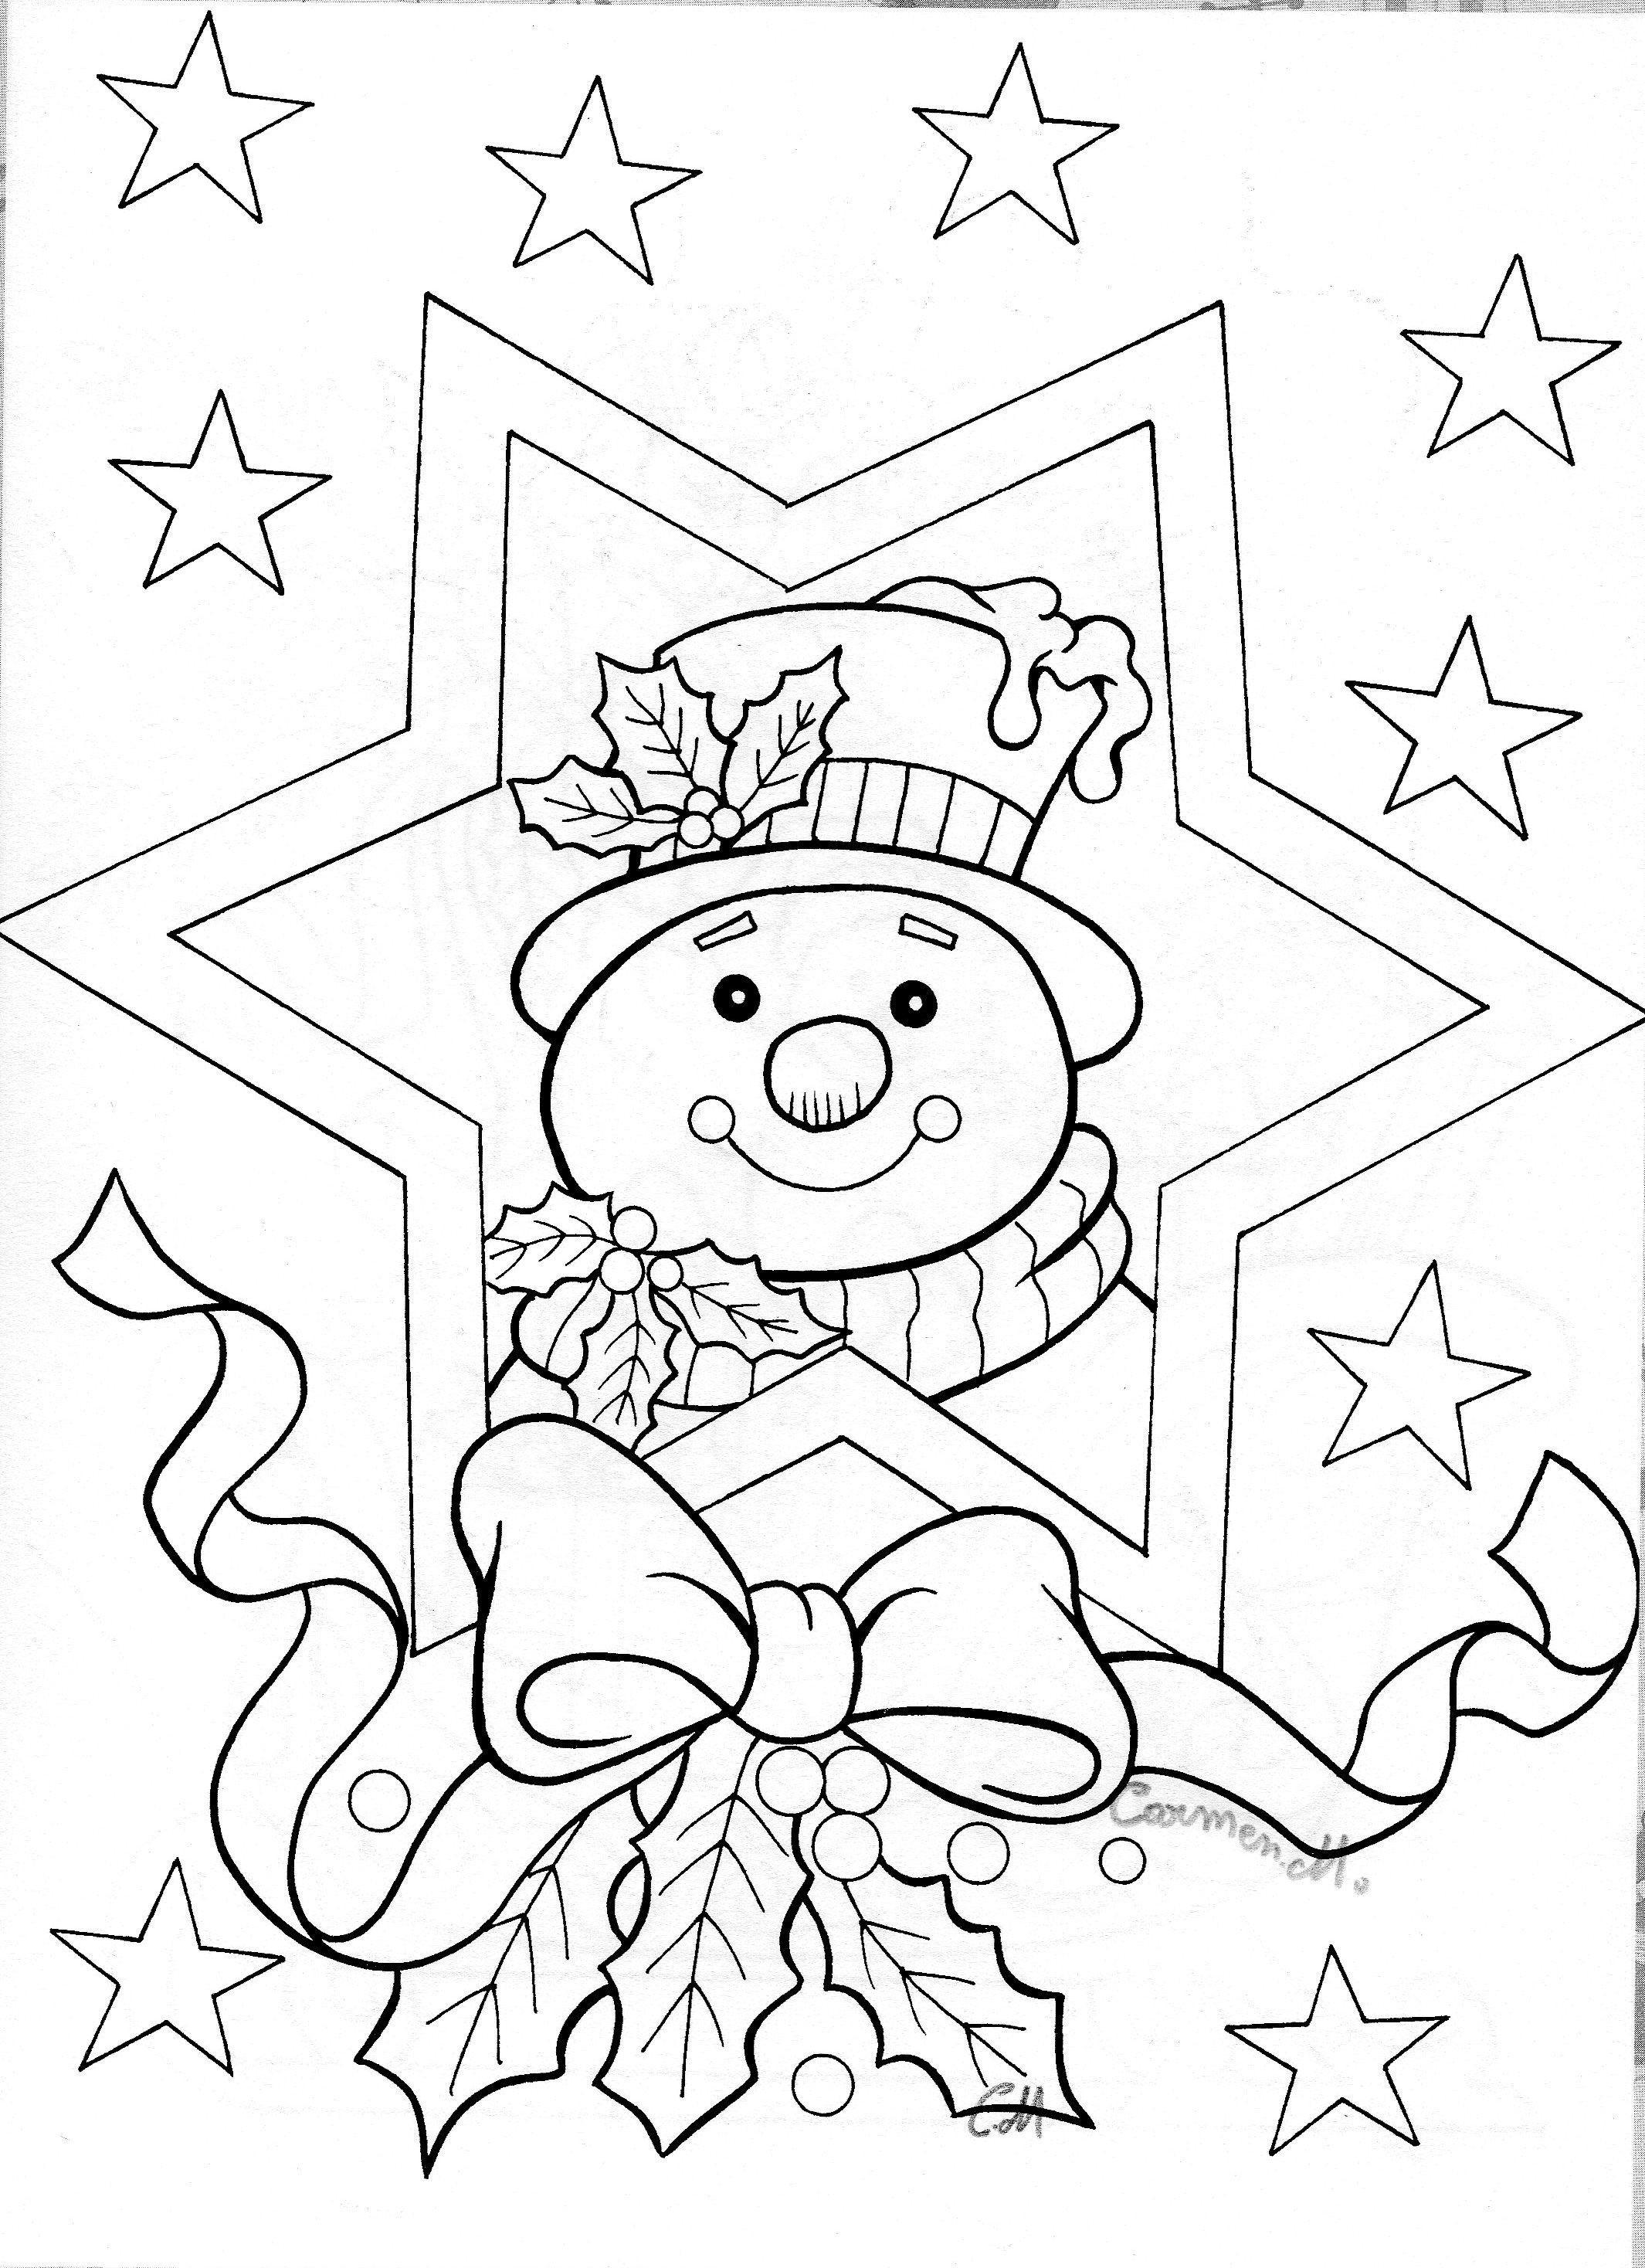 Ausmalbilder Weihnachten Bilder Neu Herr Schneemann Zu Weihnachten Ausmalbild Malvorlage Stock